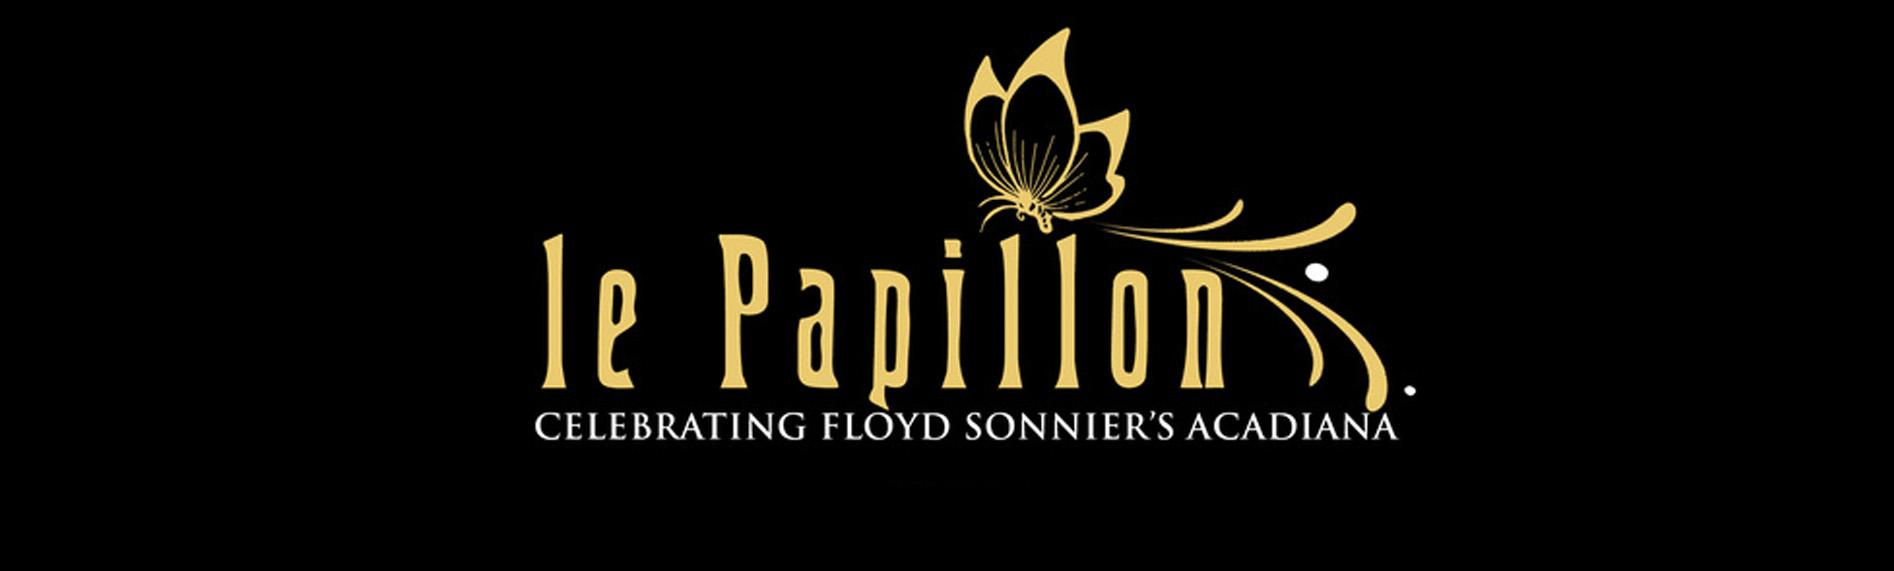 LePapillon.jpg